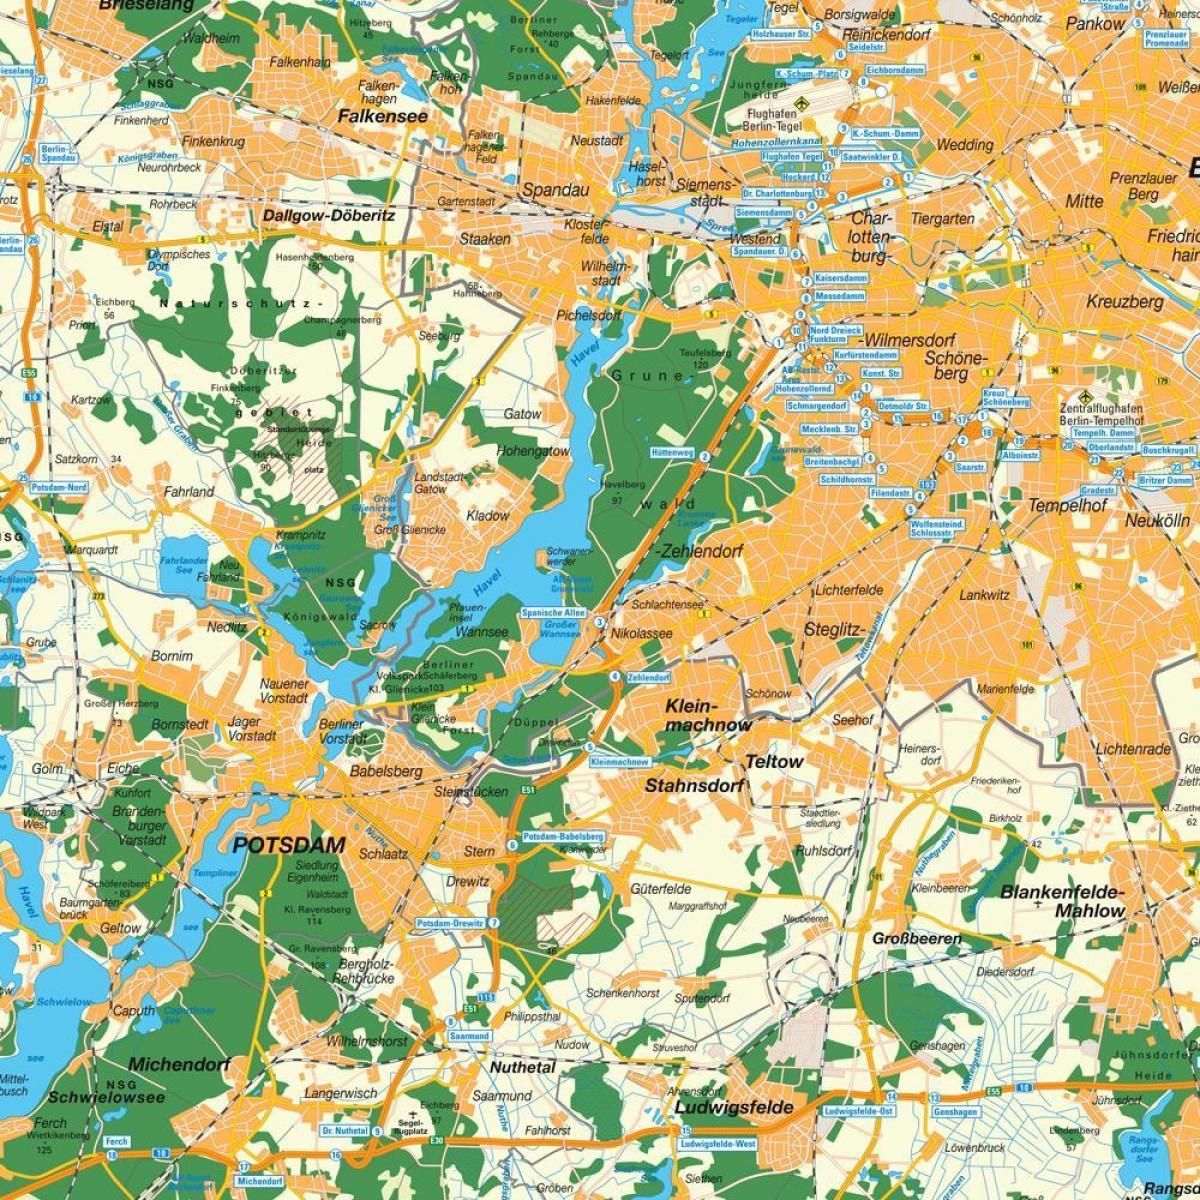 Berlin Potsdam Karte.Potsdam Berliner Stadtplan Karte Von Potsdam Berlin Deutschland